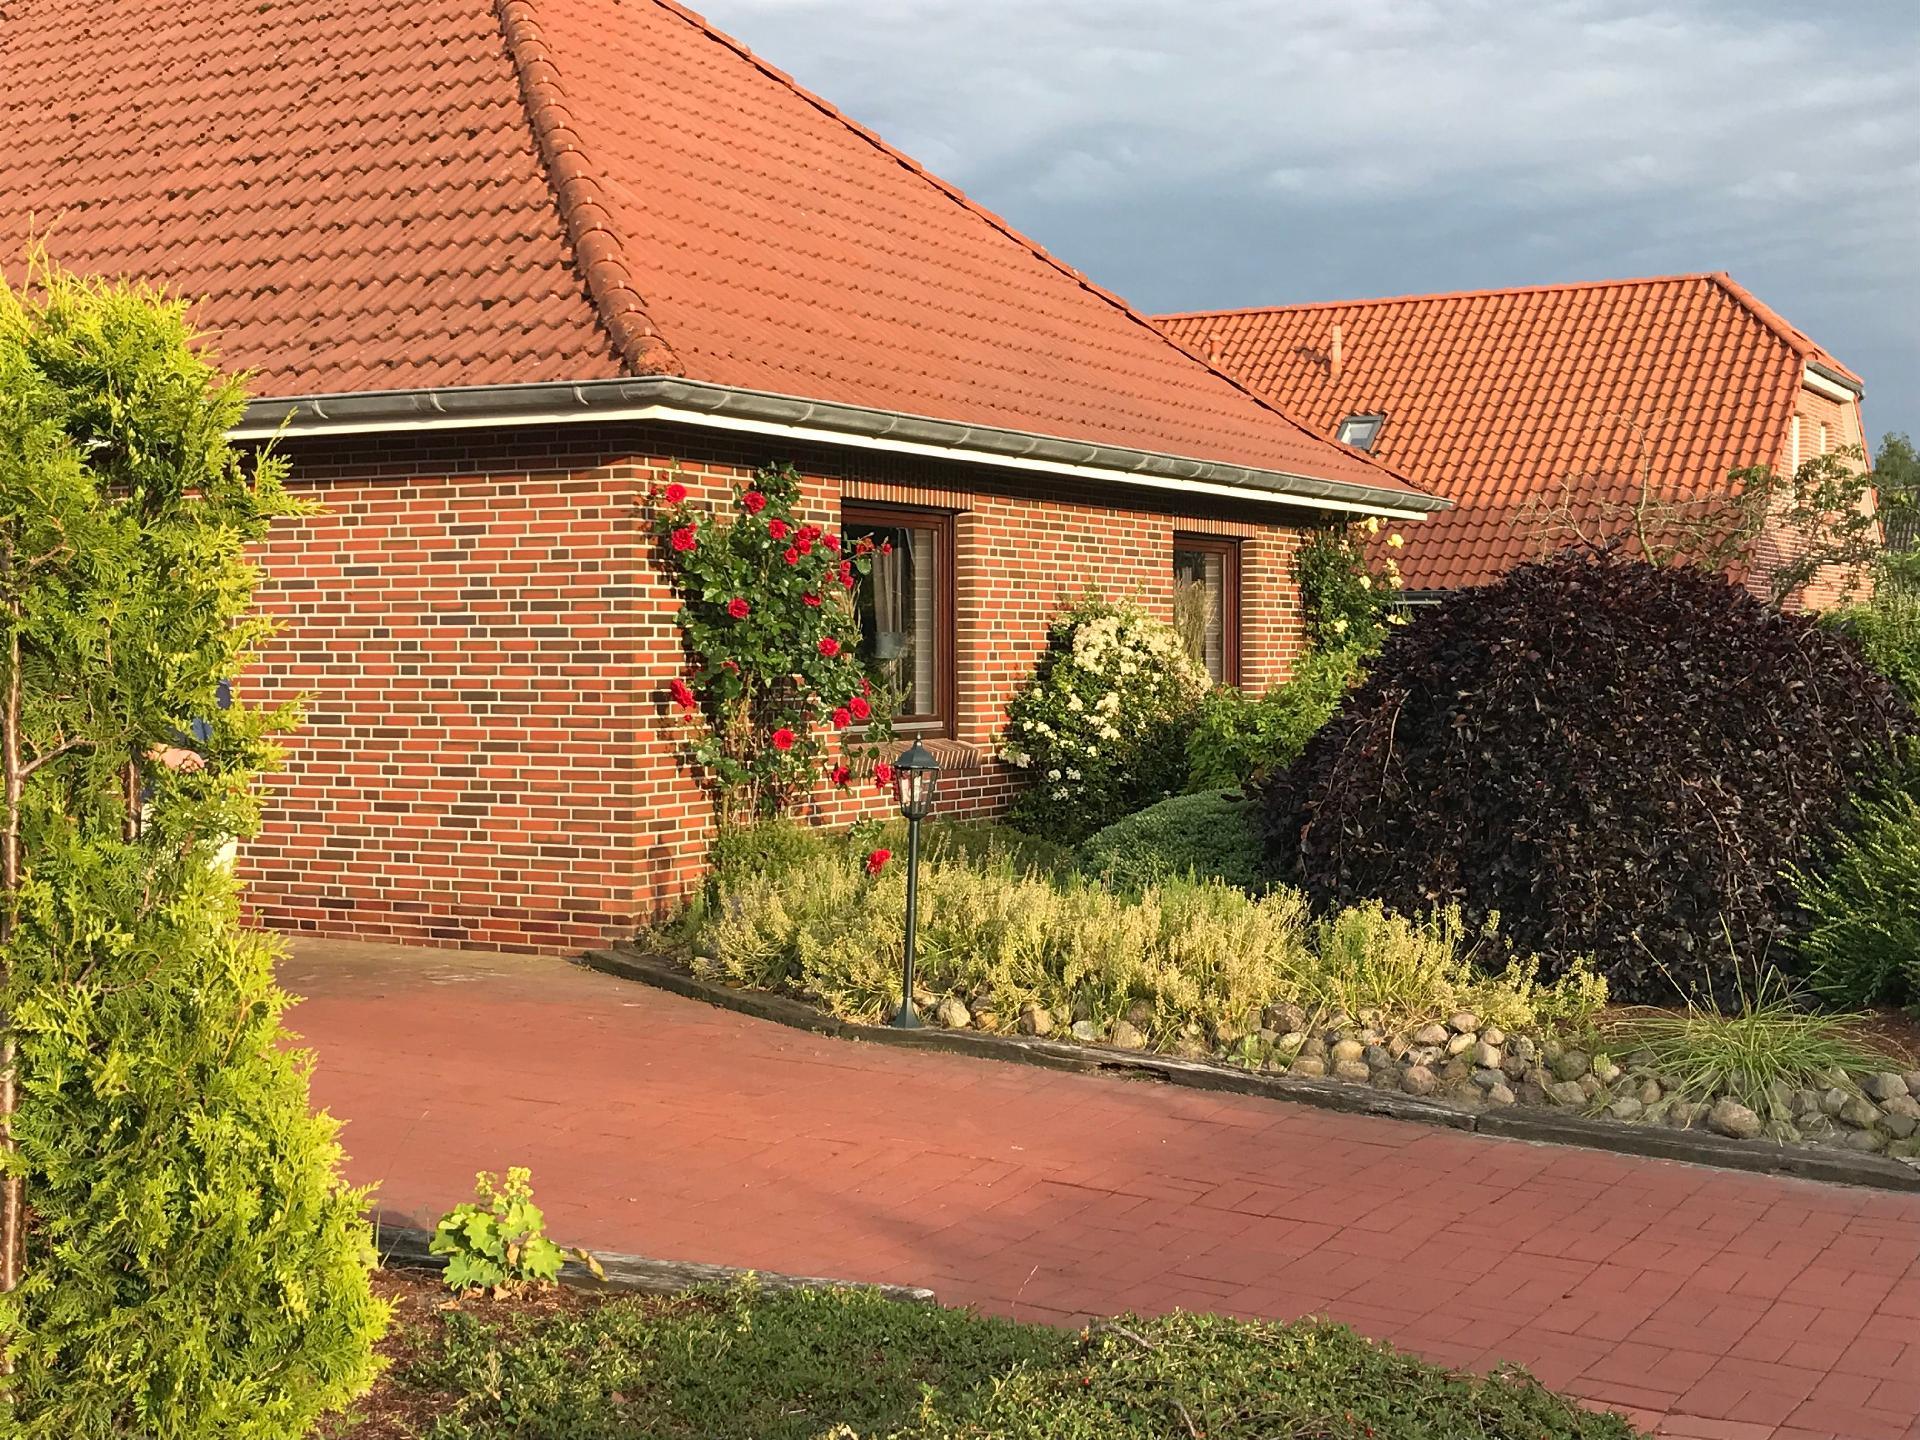 Ferienhaus für 4 Personen ca. 100 m² in   in Ostfriesland